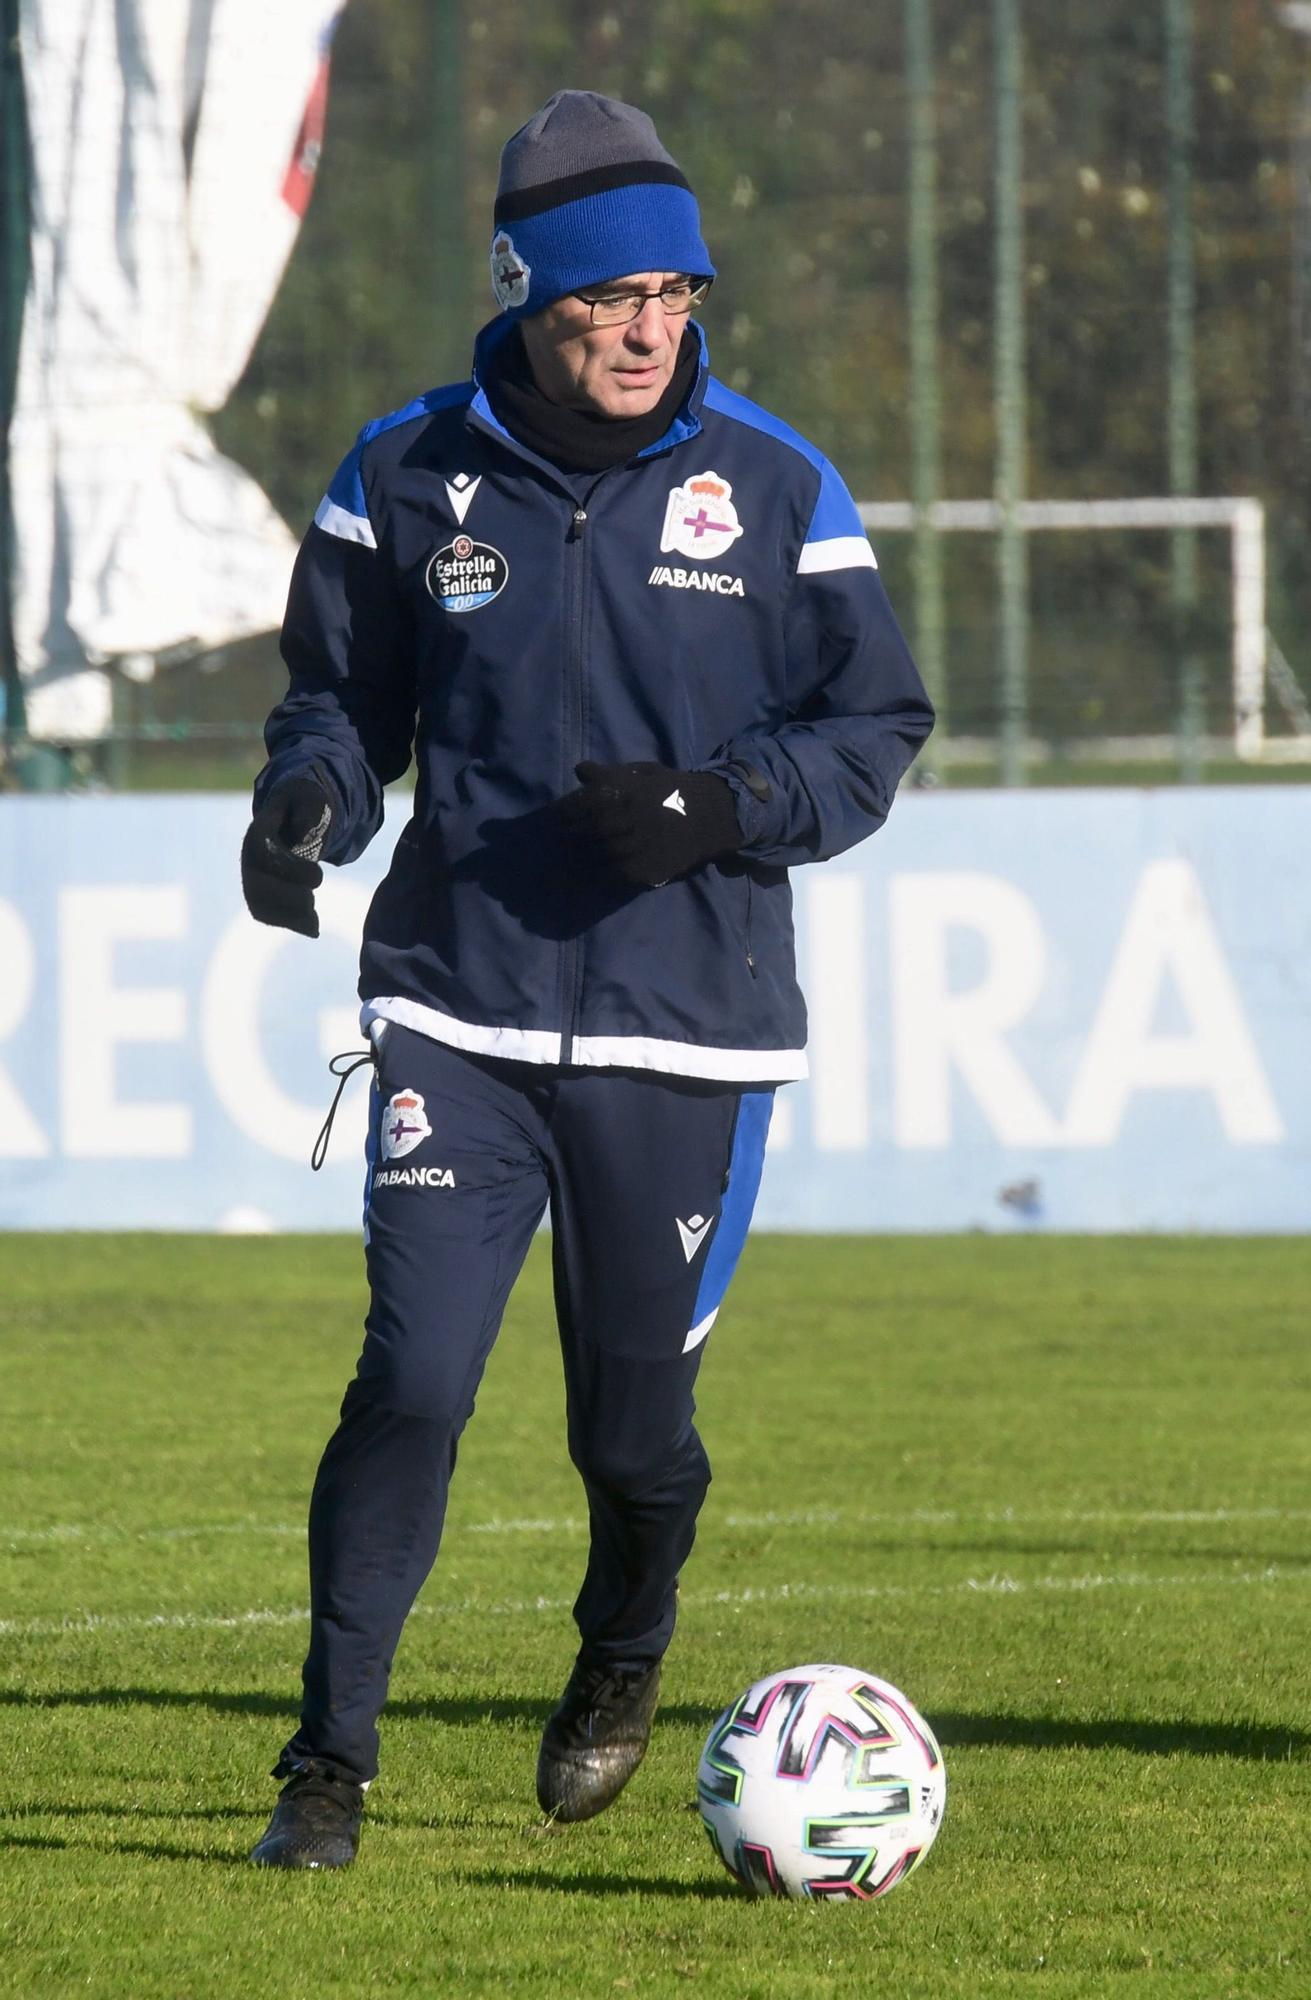 El Dépor prepara el duelo de Copa ante el Alavés sin Uche